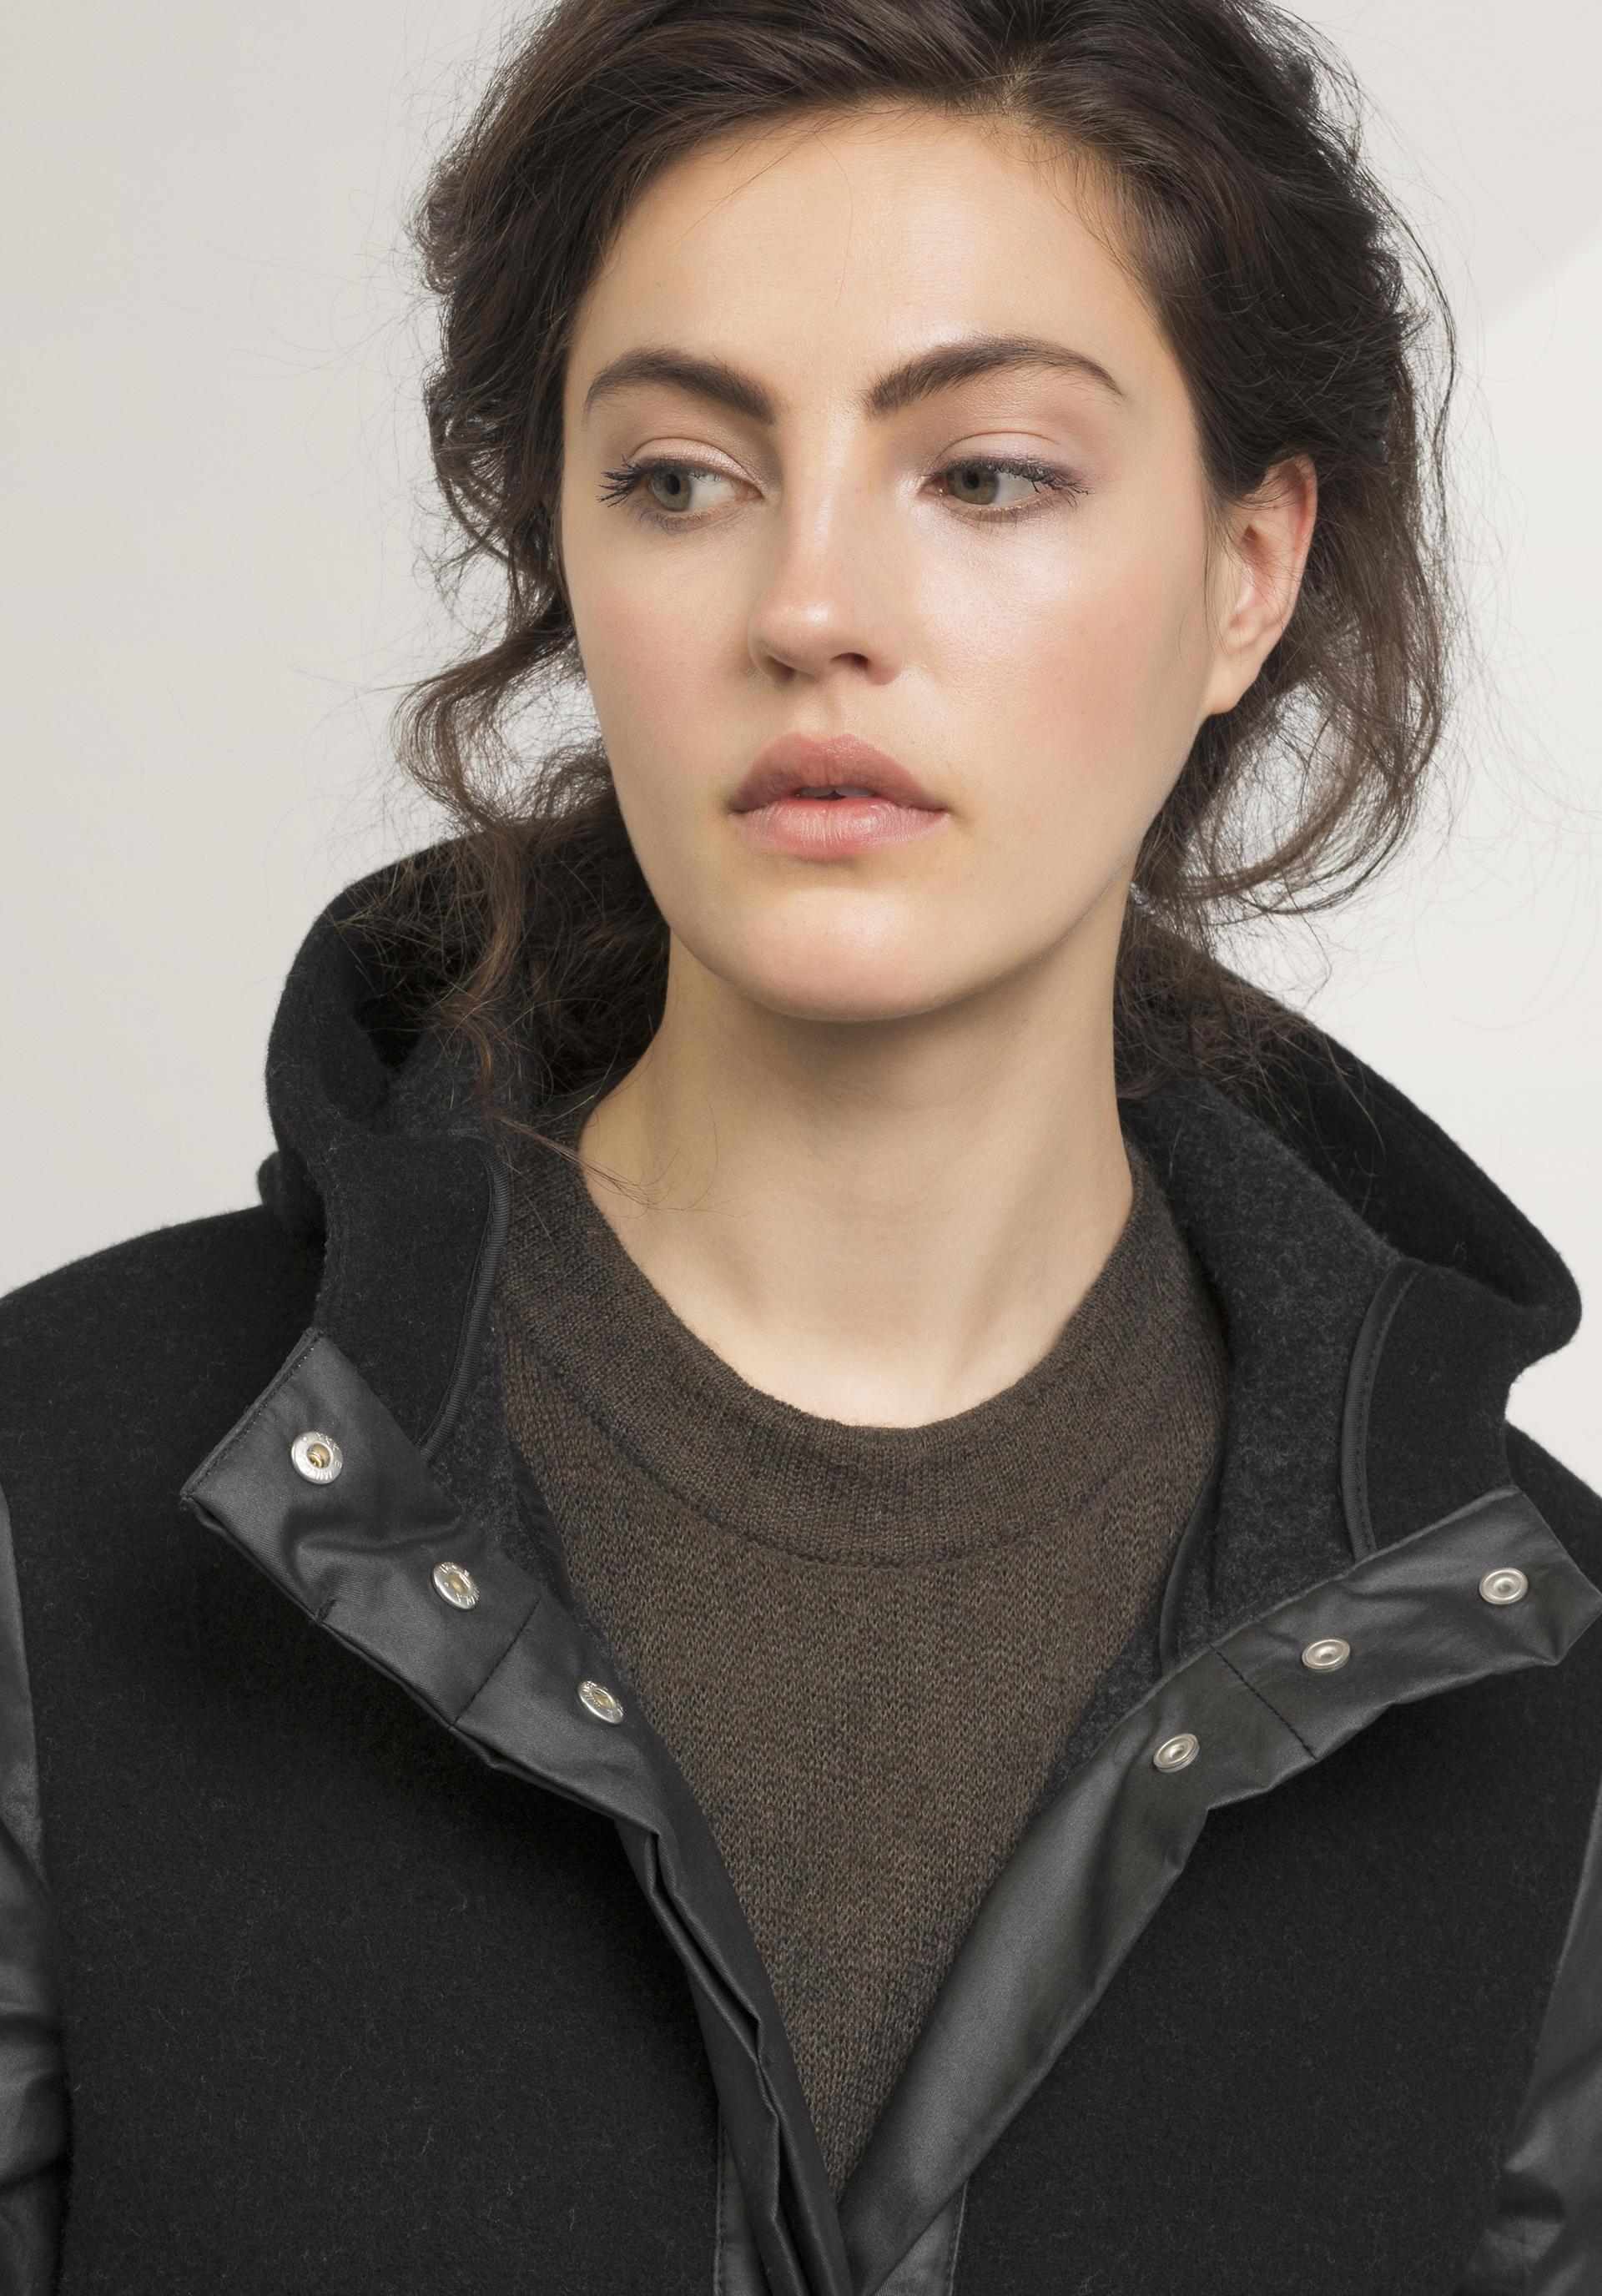 Damen Mantel aus Schurwolle mit Bio-Baumwolle - hessnatur Schweiz ed76cdec75